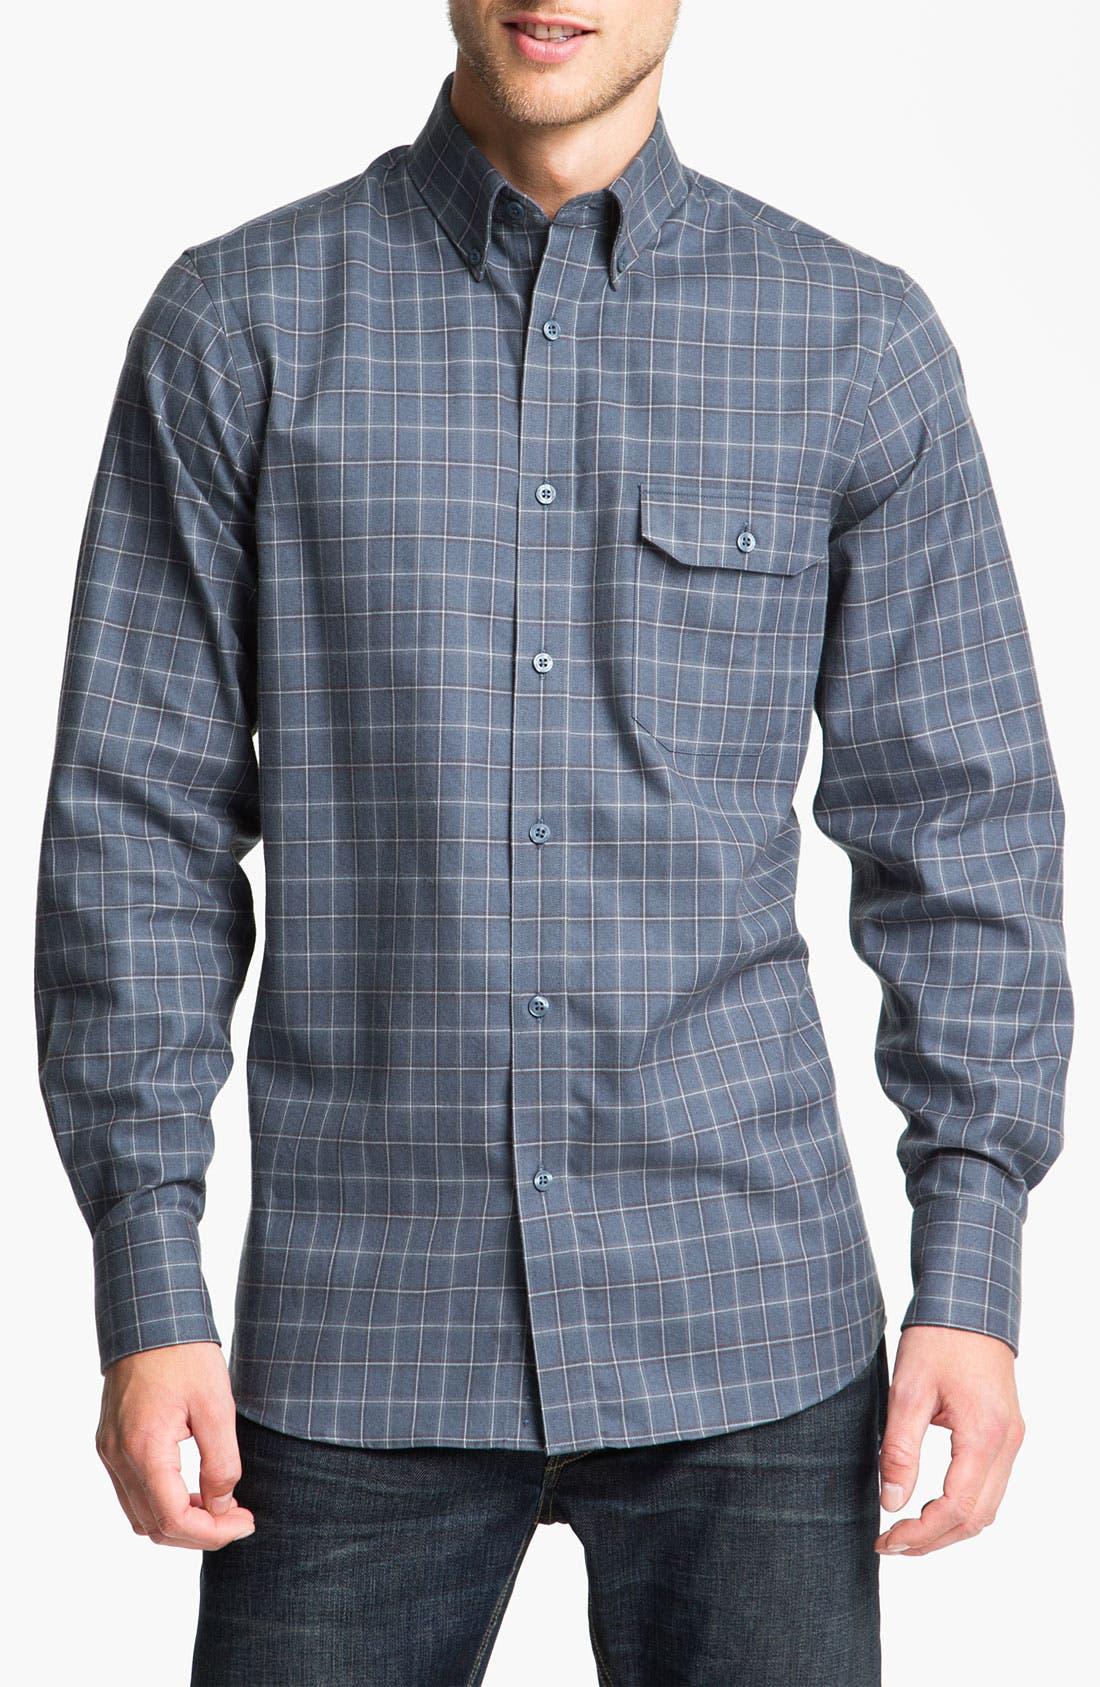 Alternate Image 1 Selected - Nordstrom Regular Fit Cotton Flannel Shirt